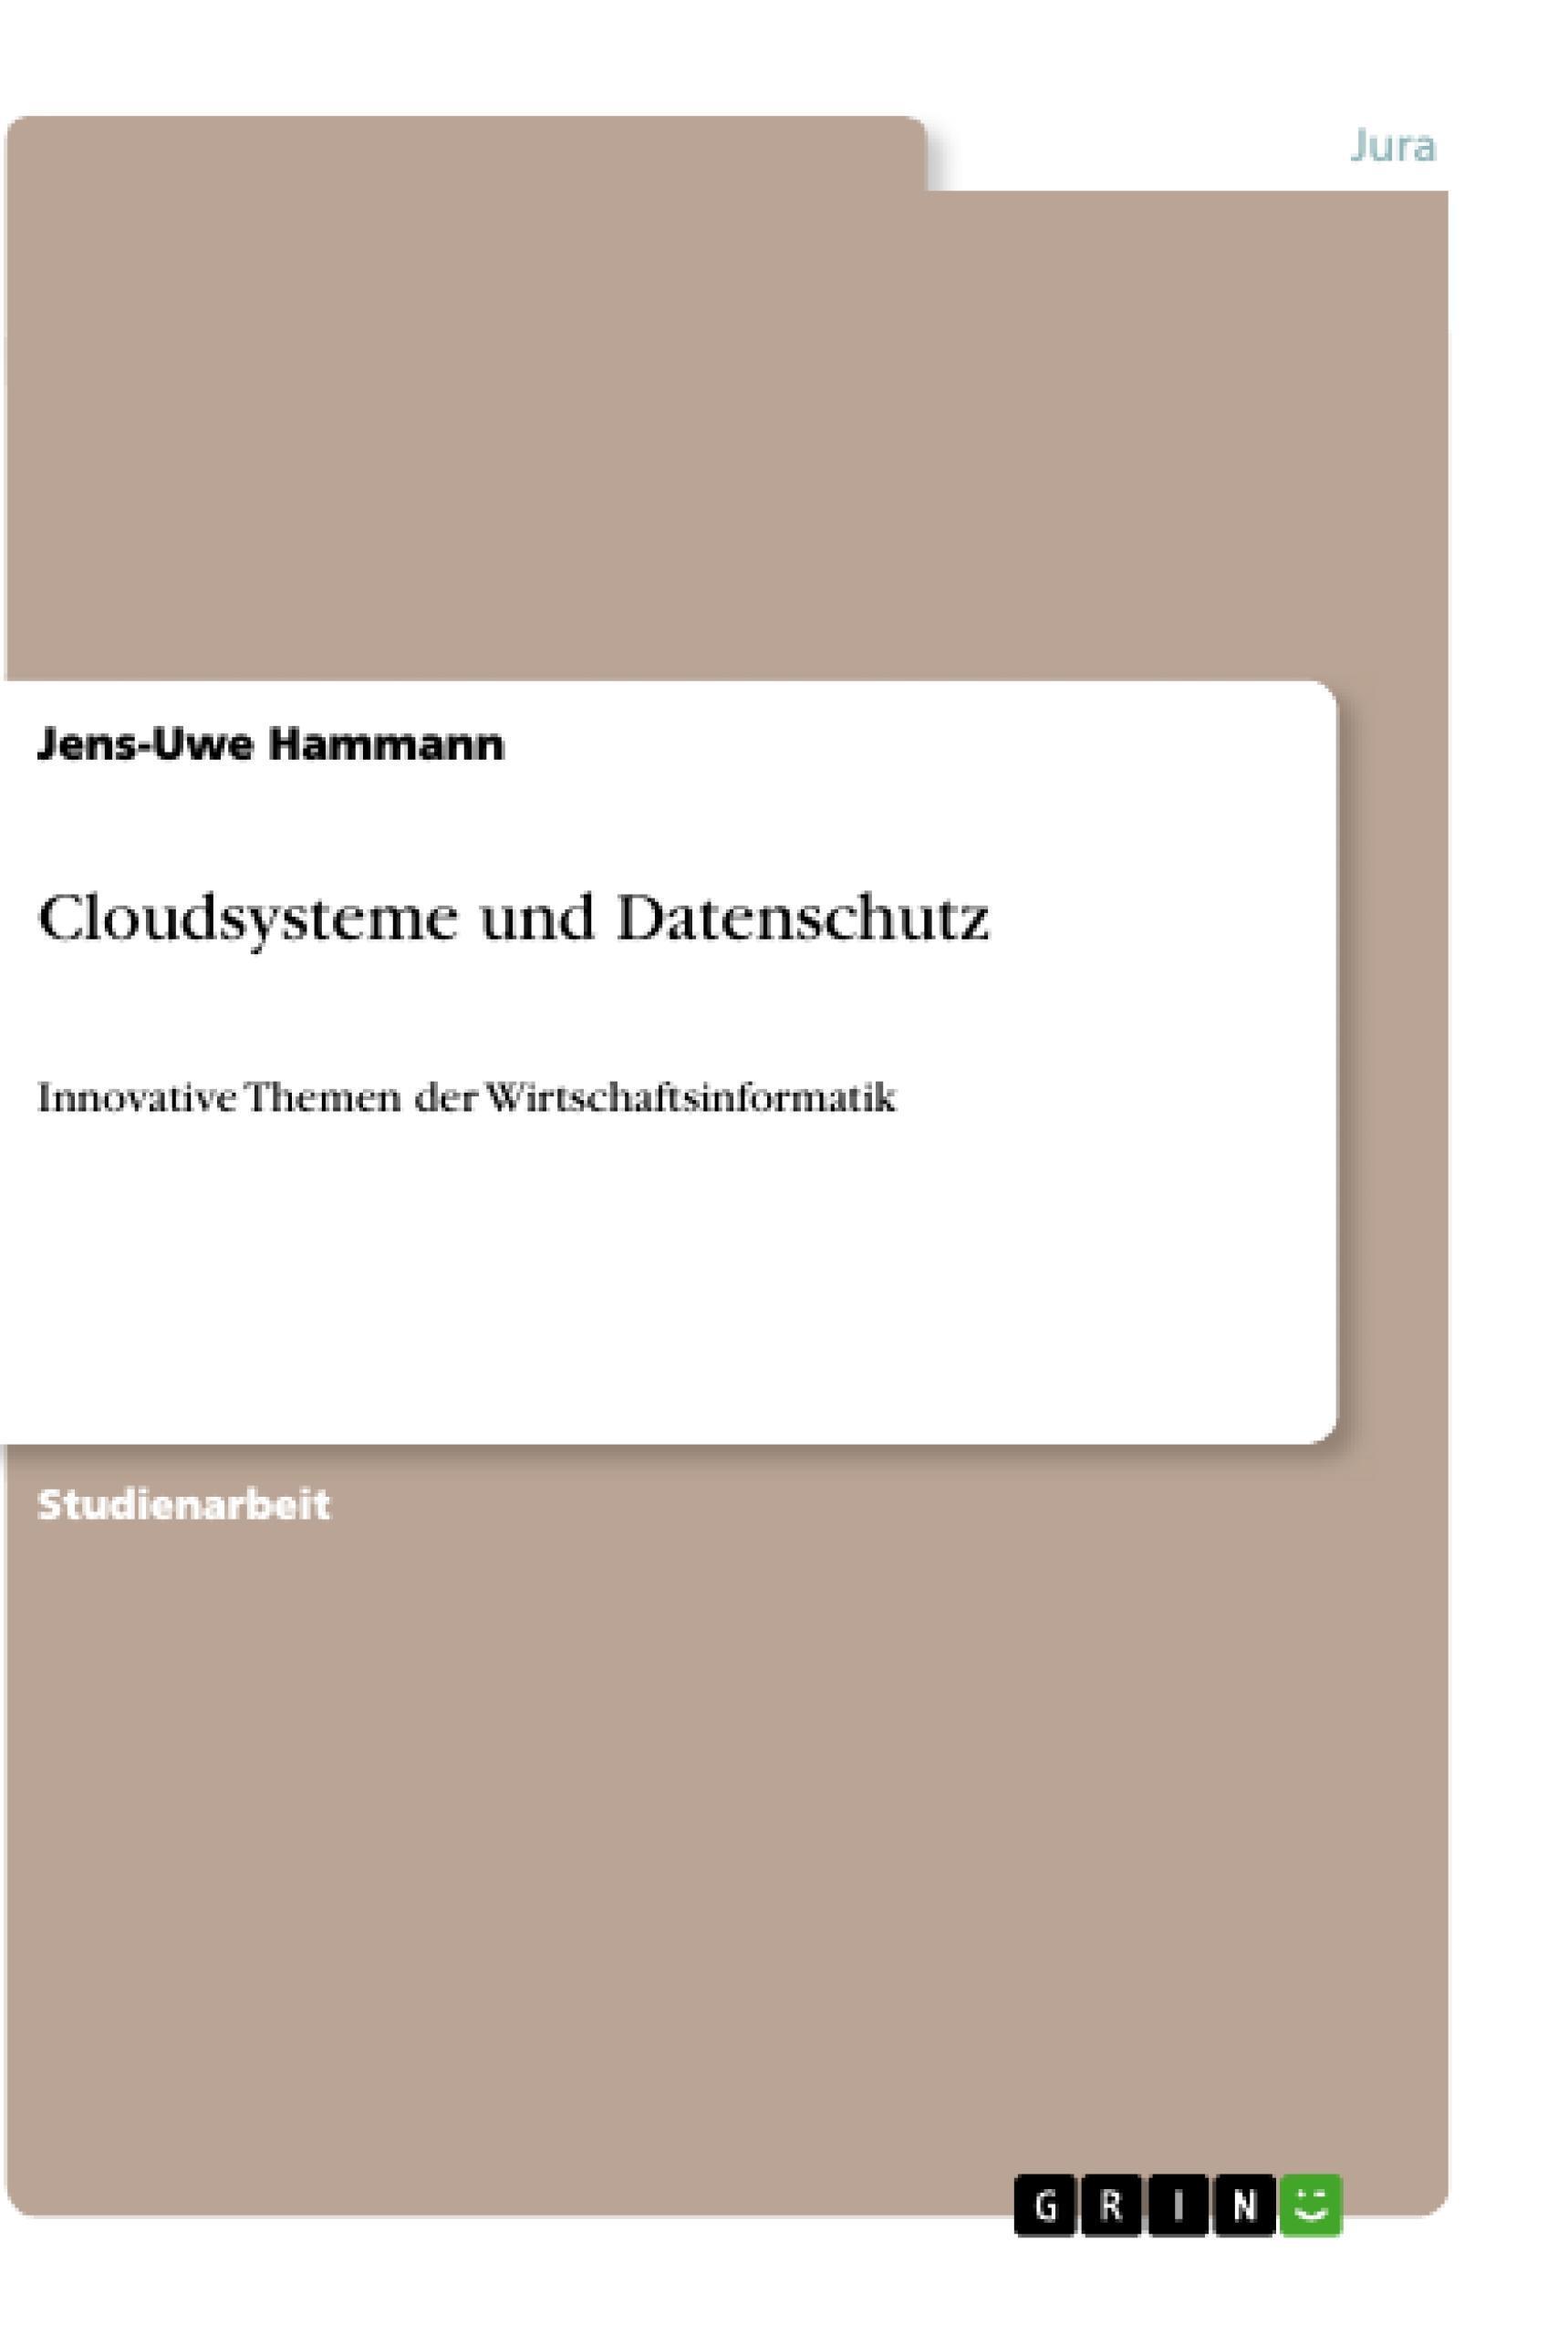 Cloudsysteme und Datenschutz Jens-Uwe Hammann